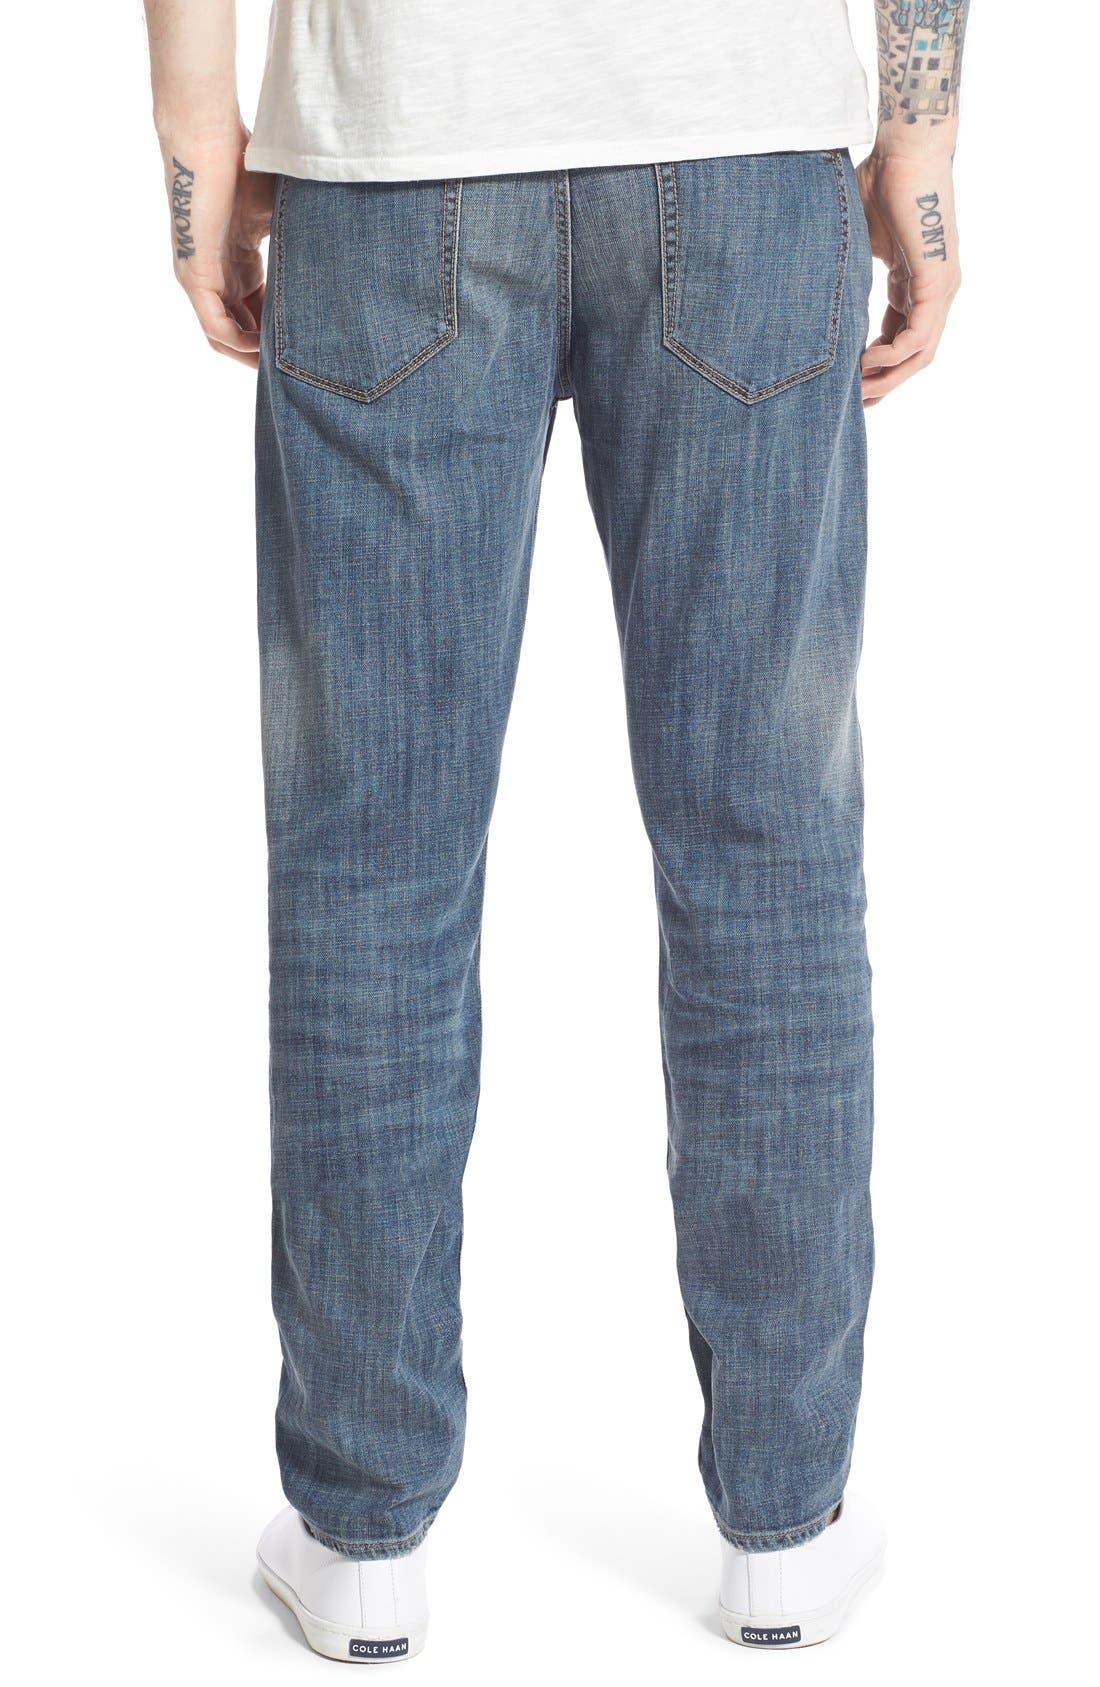 Alternate Image 2  - Treasure&Bond Slim Fit Jeans (Medium Twilight Wash)